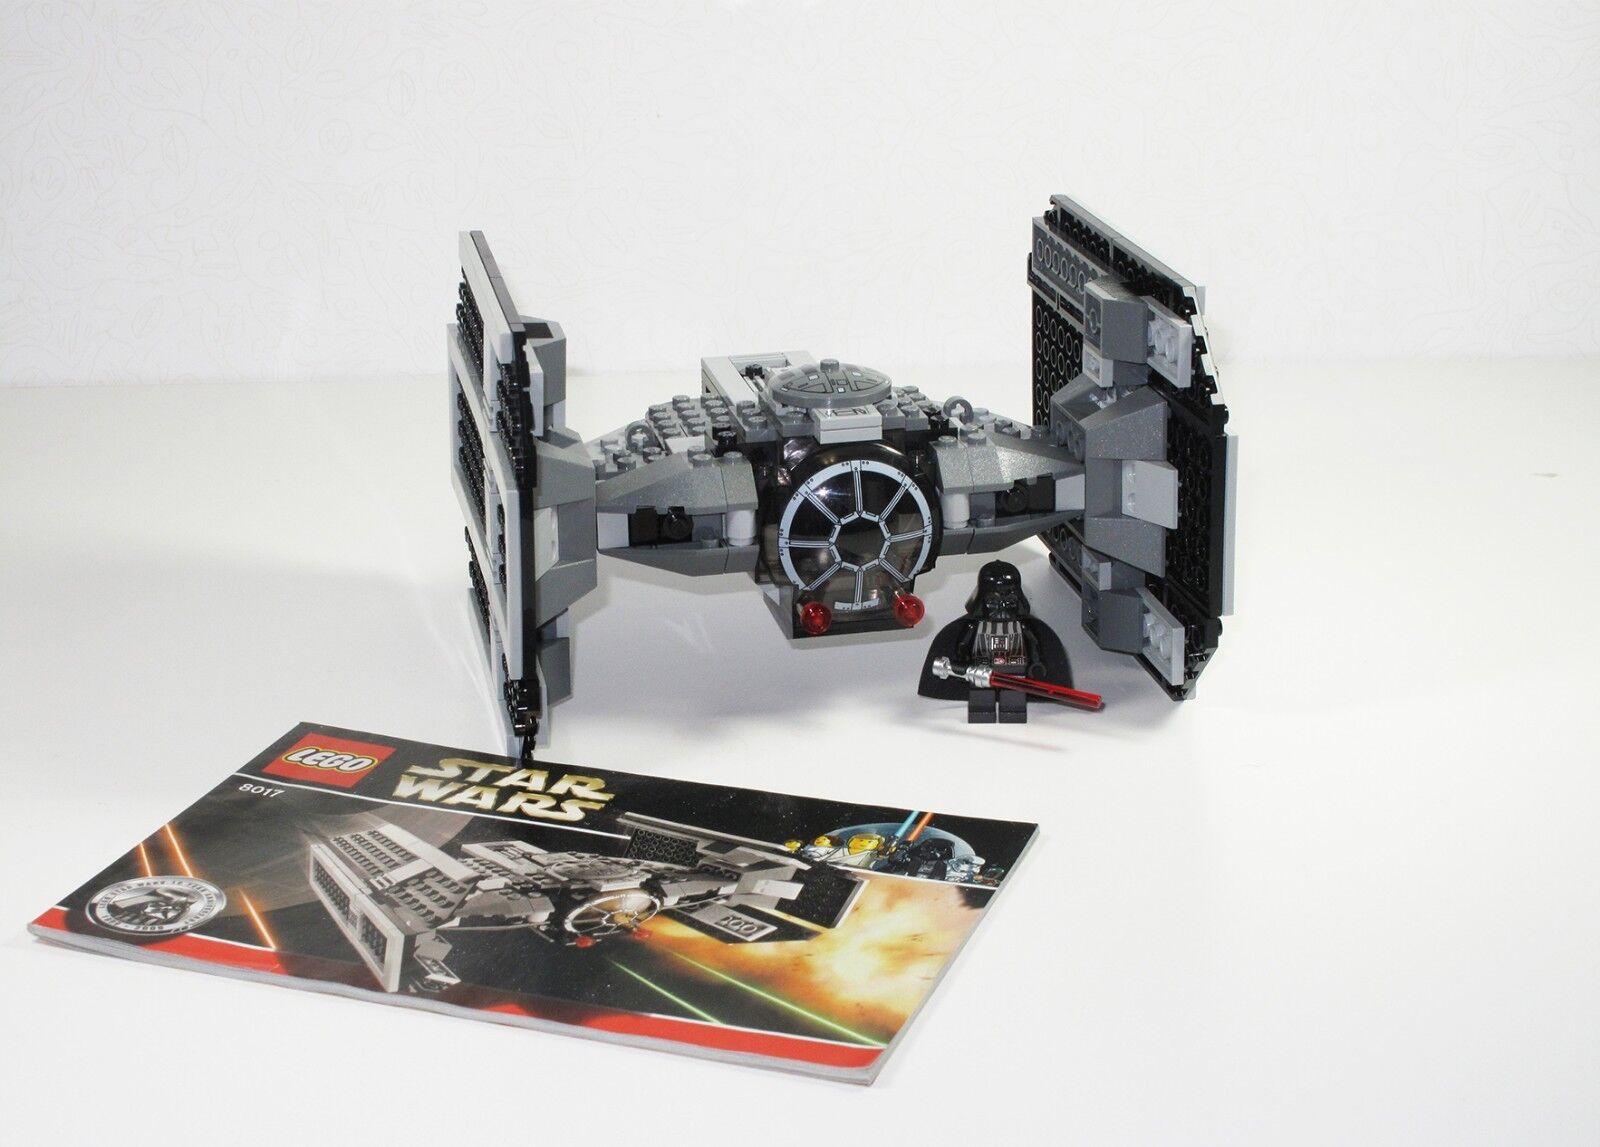 LEGO estrella guerras 8017-Darth Vader's TIE combatiente  100% completare  stanno facendo attività di sconto